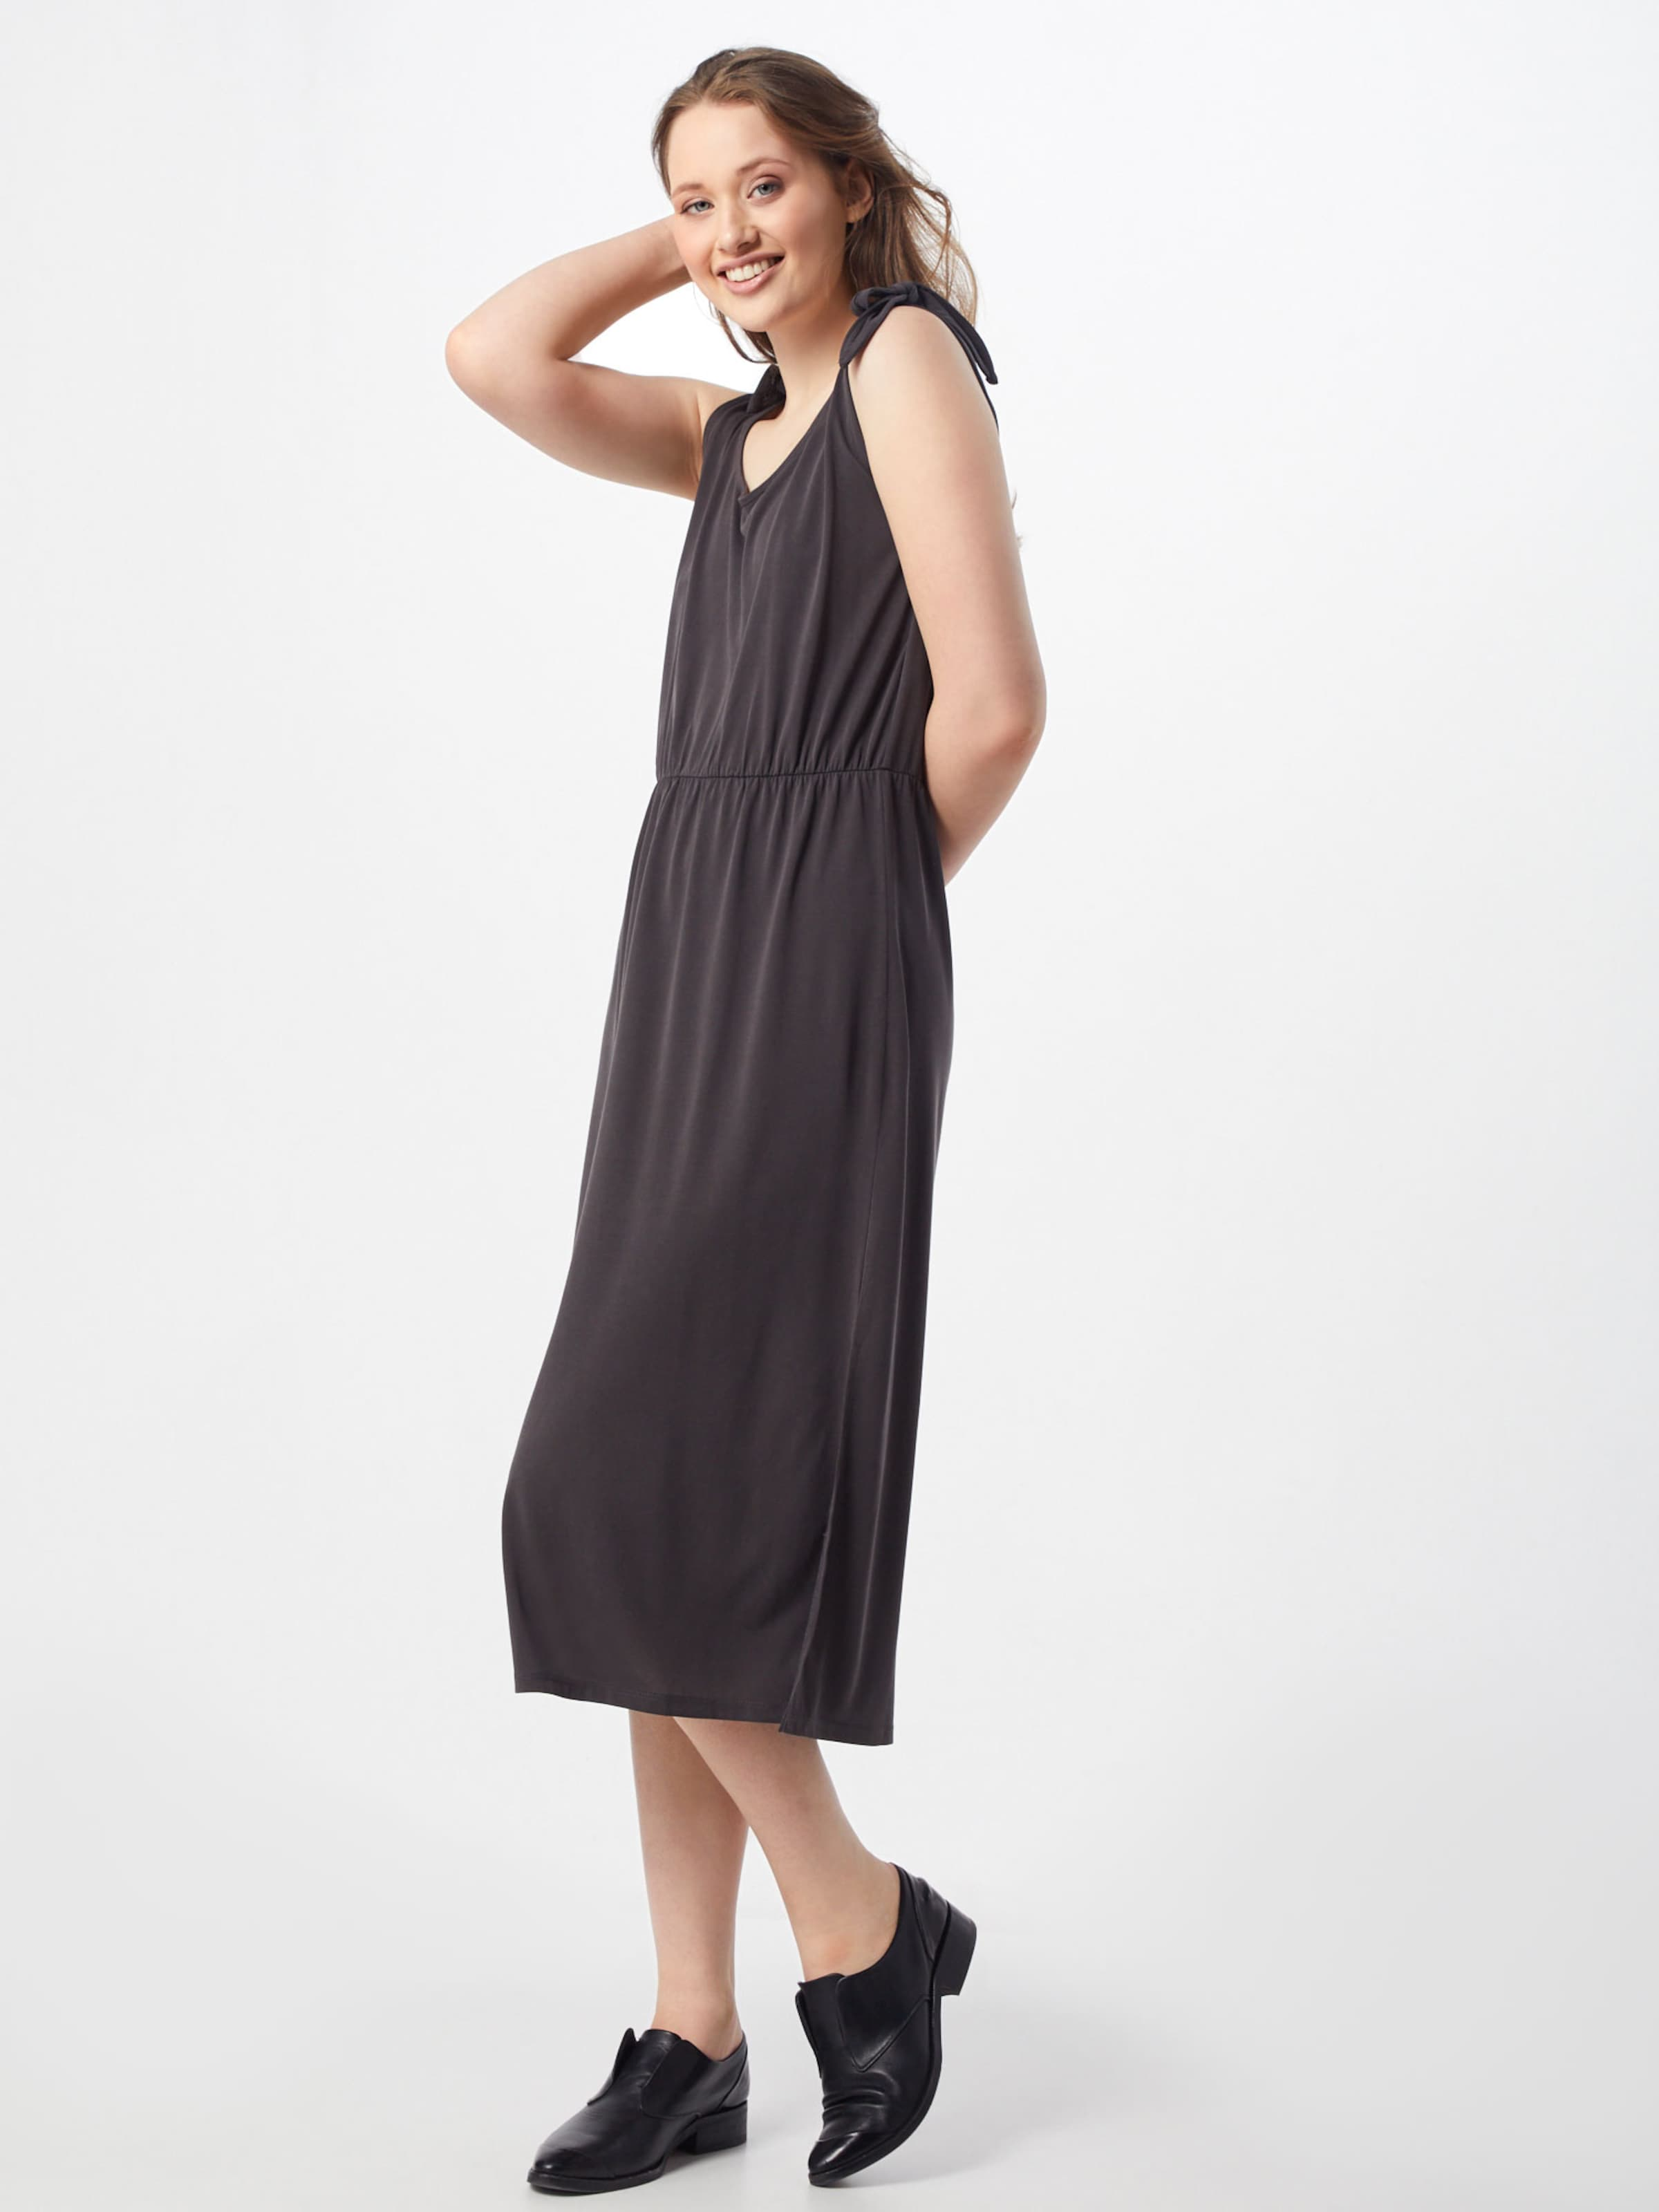 Kleid Dunkelgrau In Object Object Kleid 'ashley' In Dunkelgrau 'ashley' Object Kleid SzMGLqVUp